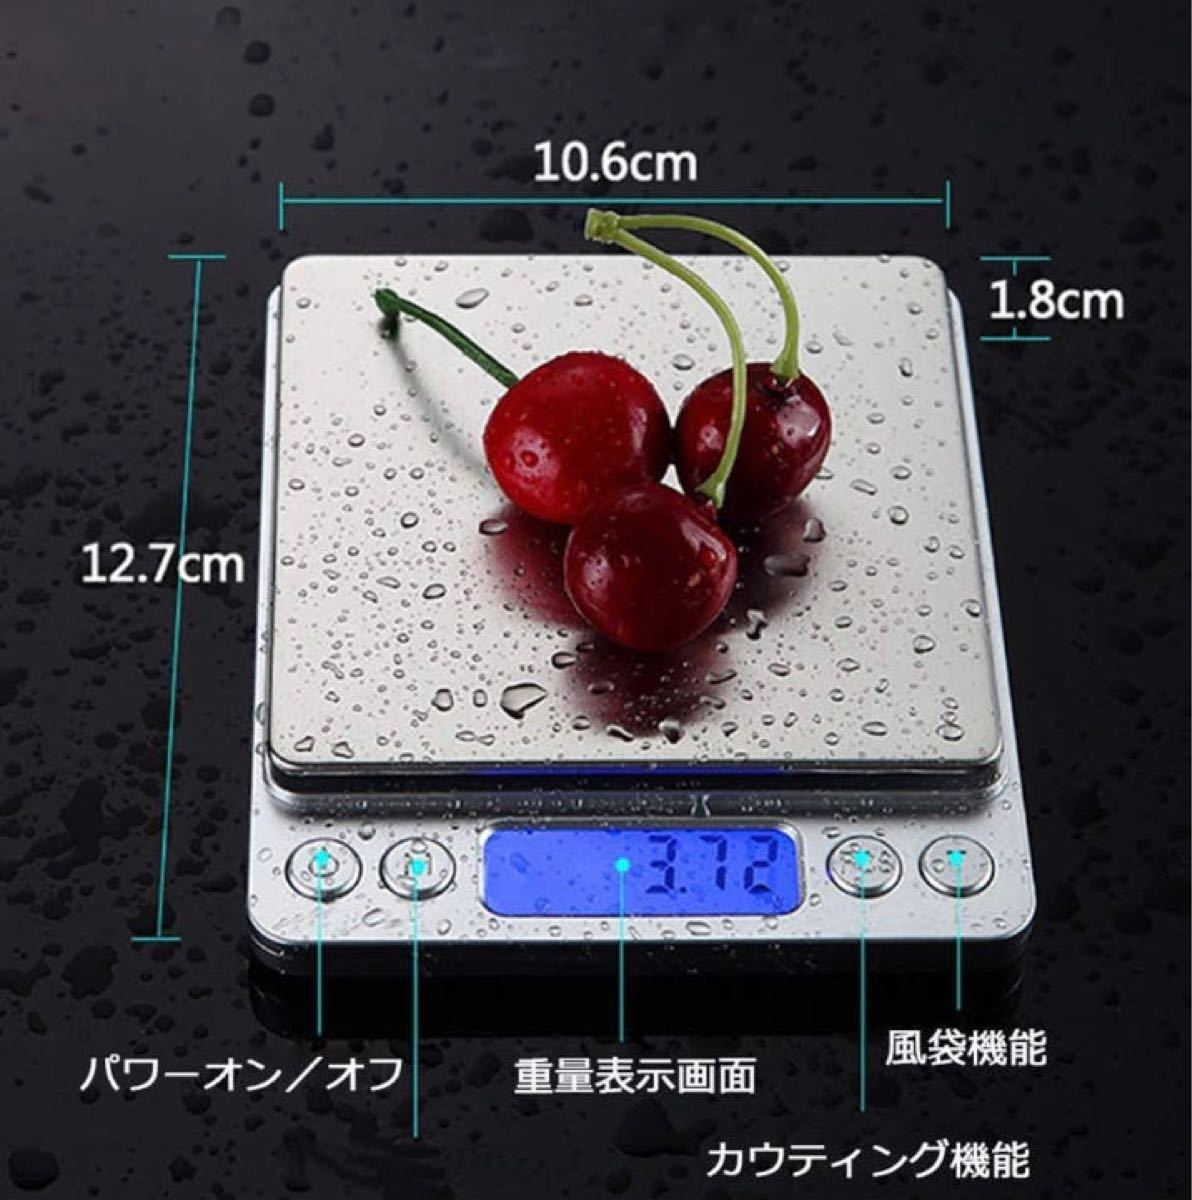 デジタルキッチンスケール 計量器 はかり 電子秤 コンパクト  風袋引き